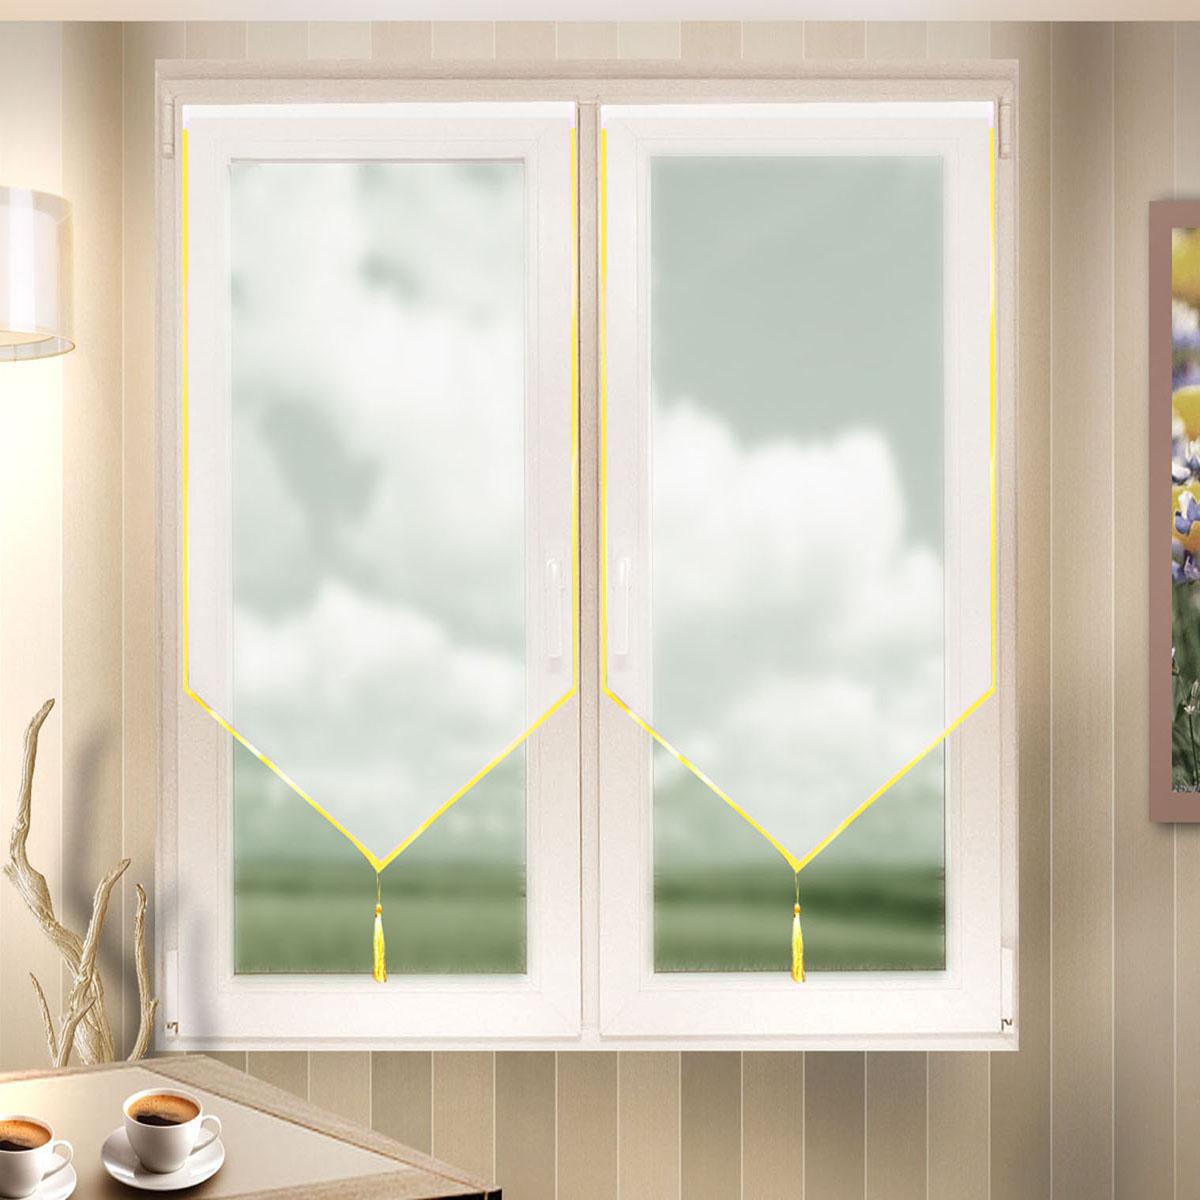 Гардина Zlata Korunka, цвет: белый, ширина 60 см, высота 120 см. 666022/11985140/21004Лучшая альтернатива рулонным шторам на кухне – шторы на липкой ленте. Особенность этих штор заключается в том, что они имеют липкую основу в месте крепления . Лента или основа надежно и быстро крепится на раму окна, а на нее фиксируется сама штора.Размеры: ширина 60* высота 120